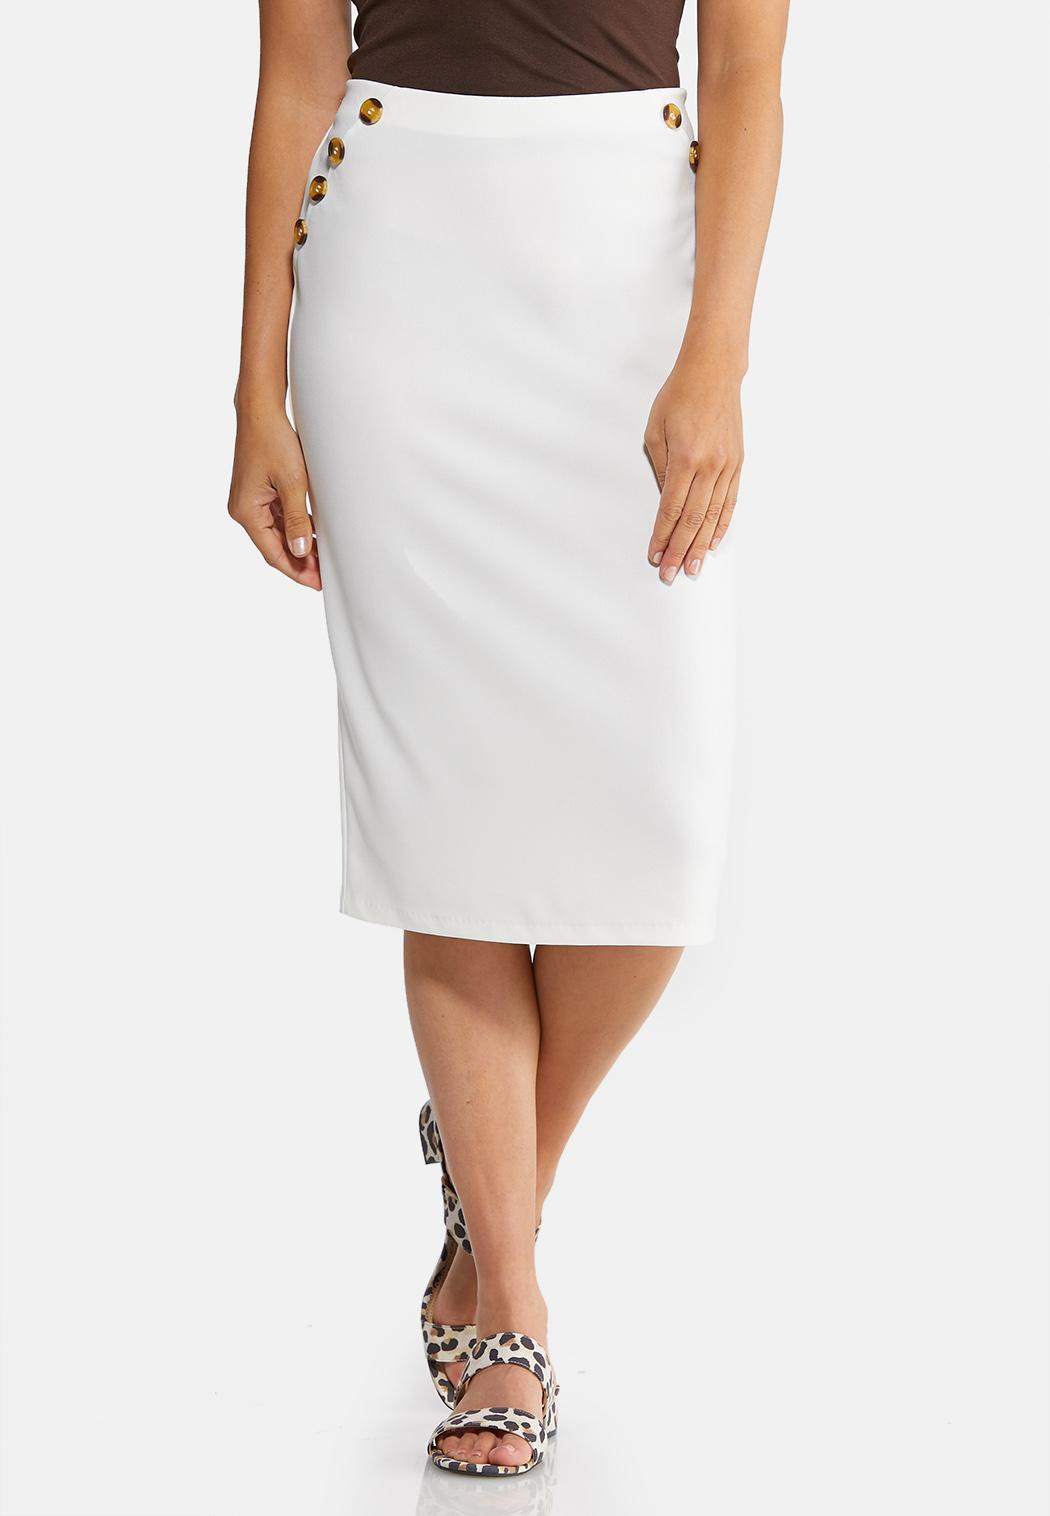 a39cbb2022a8 Women's Skirts